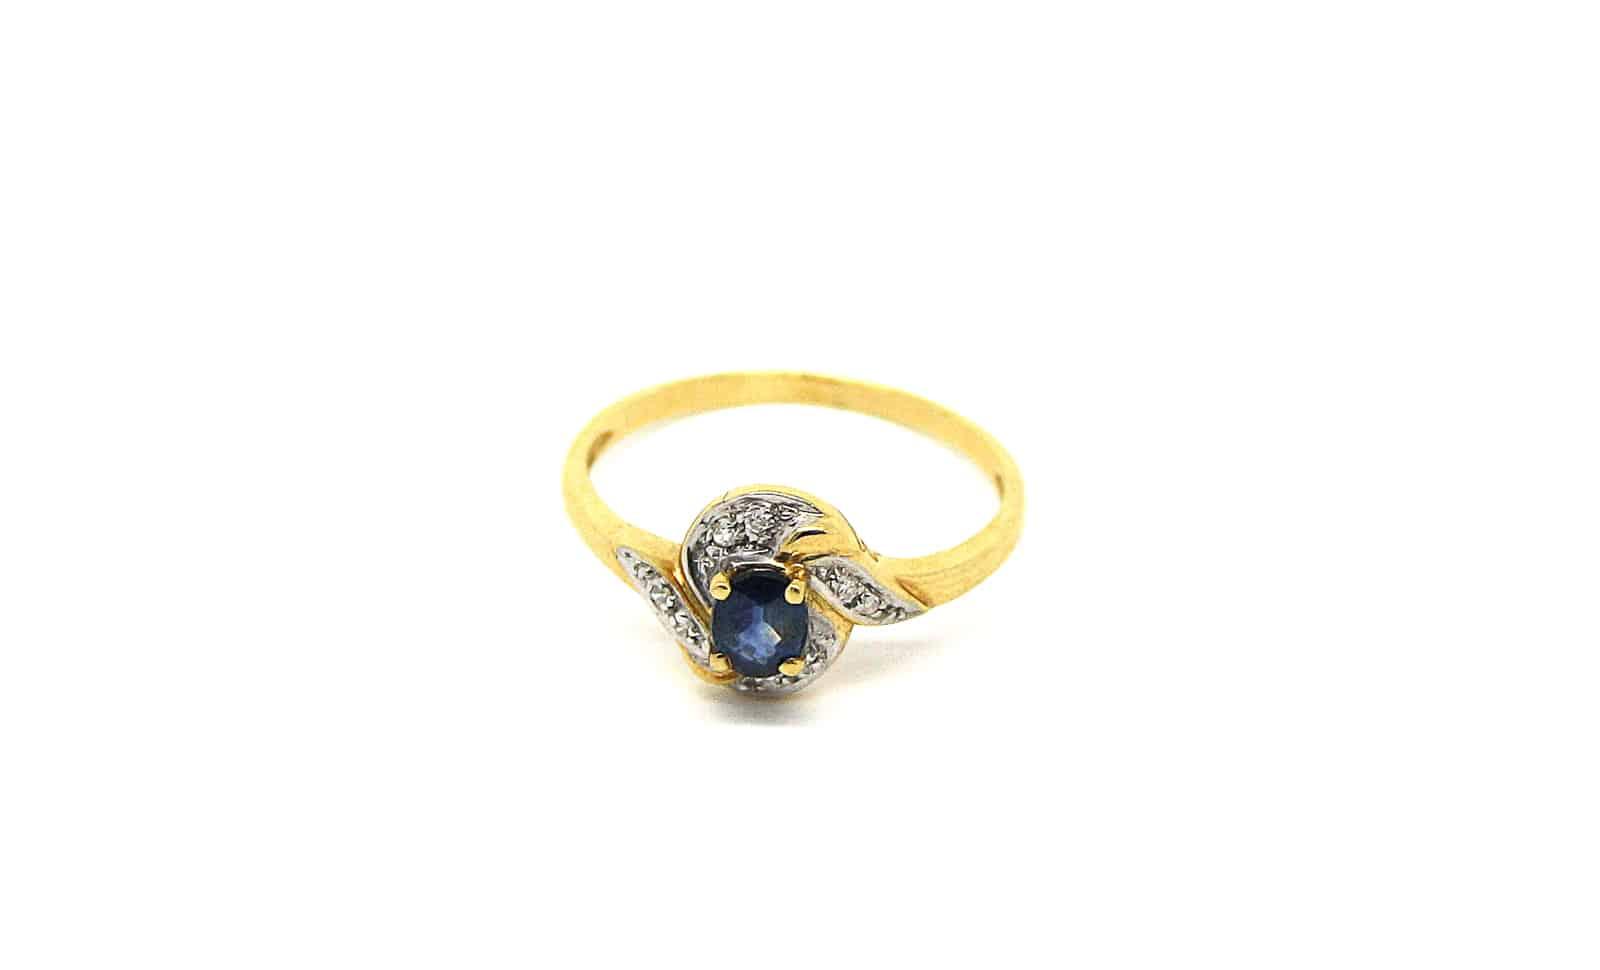 Vintage Rings, Engagement Rings,  Rings, Rings Under 1200eu, Sapphire Gemstone Rings